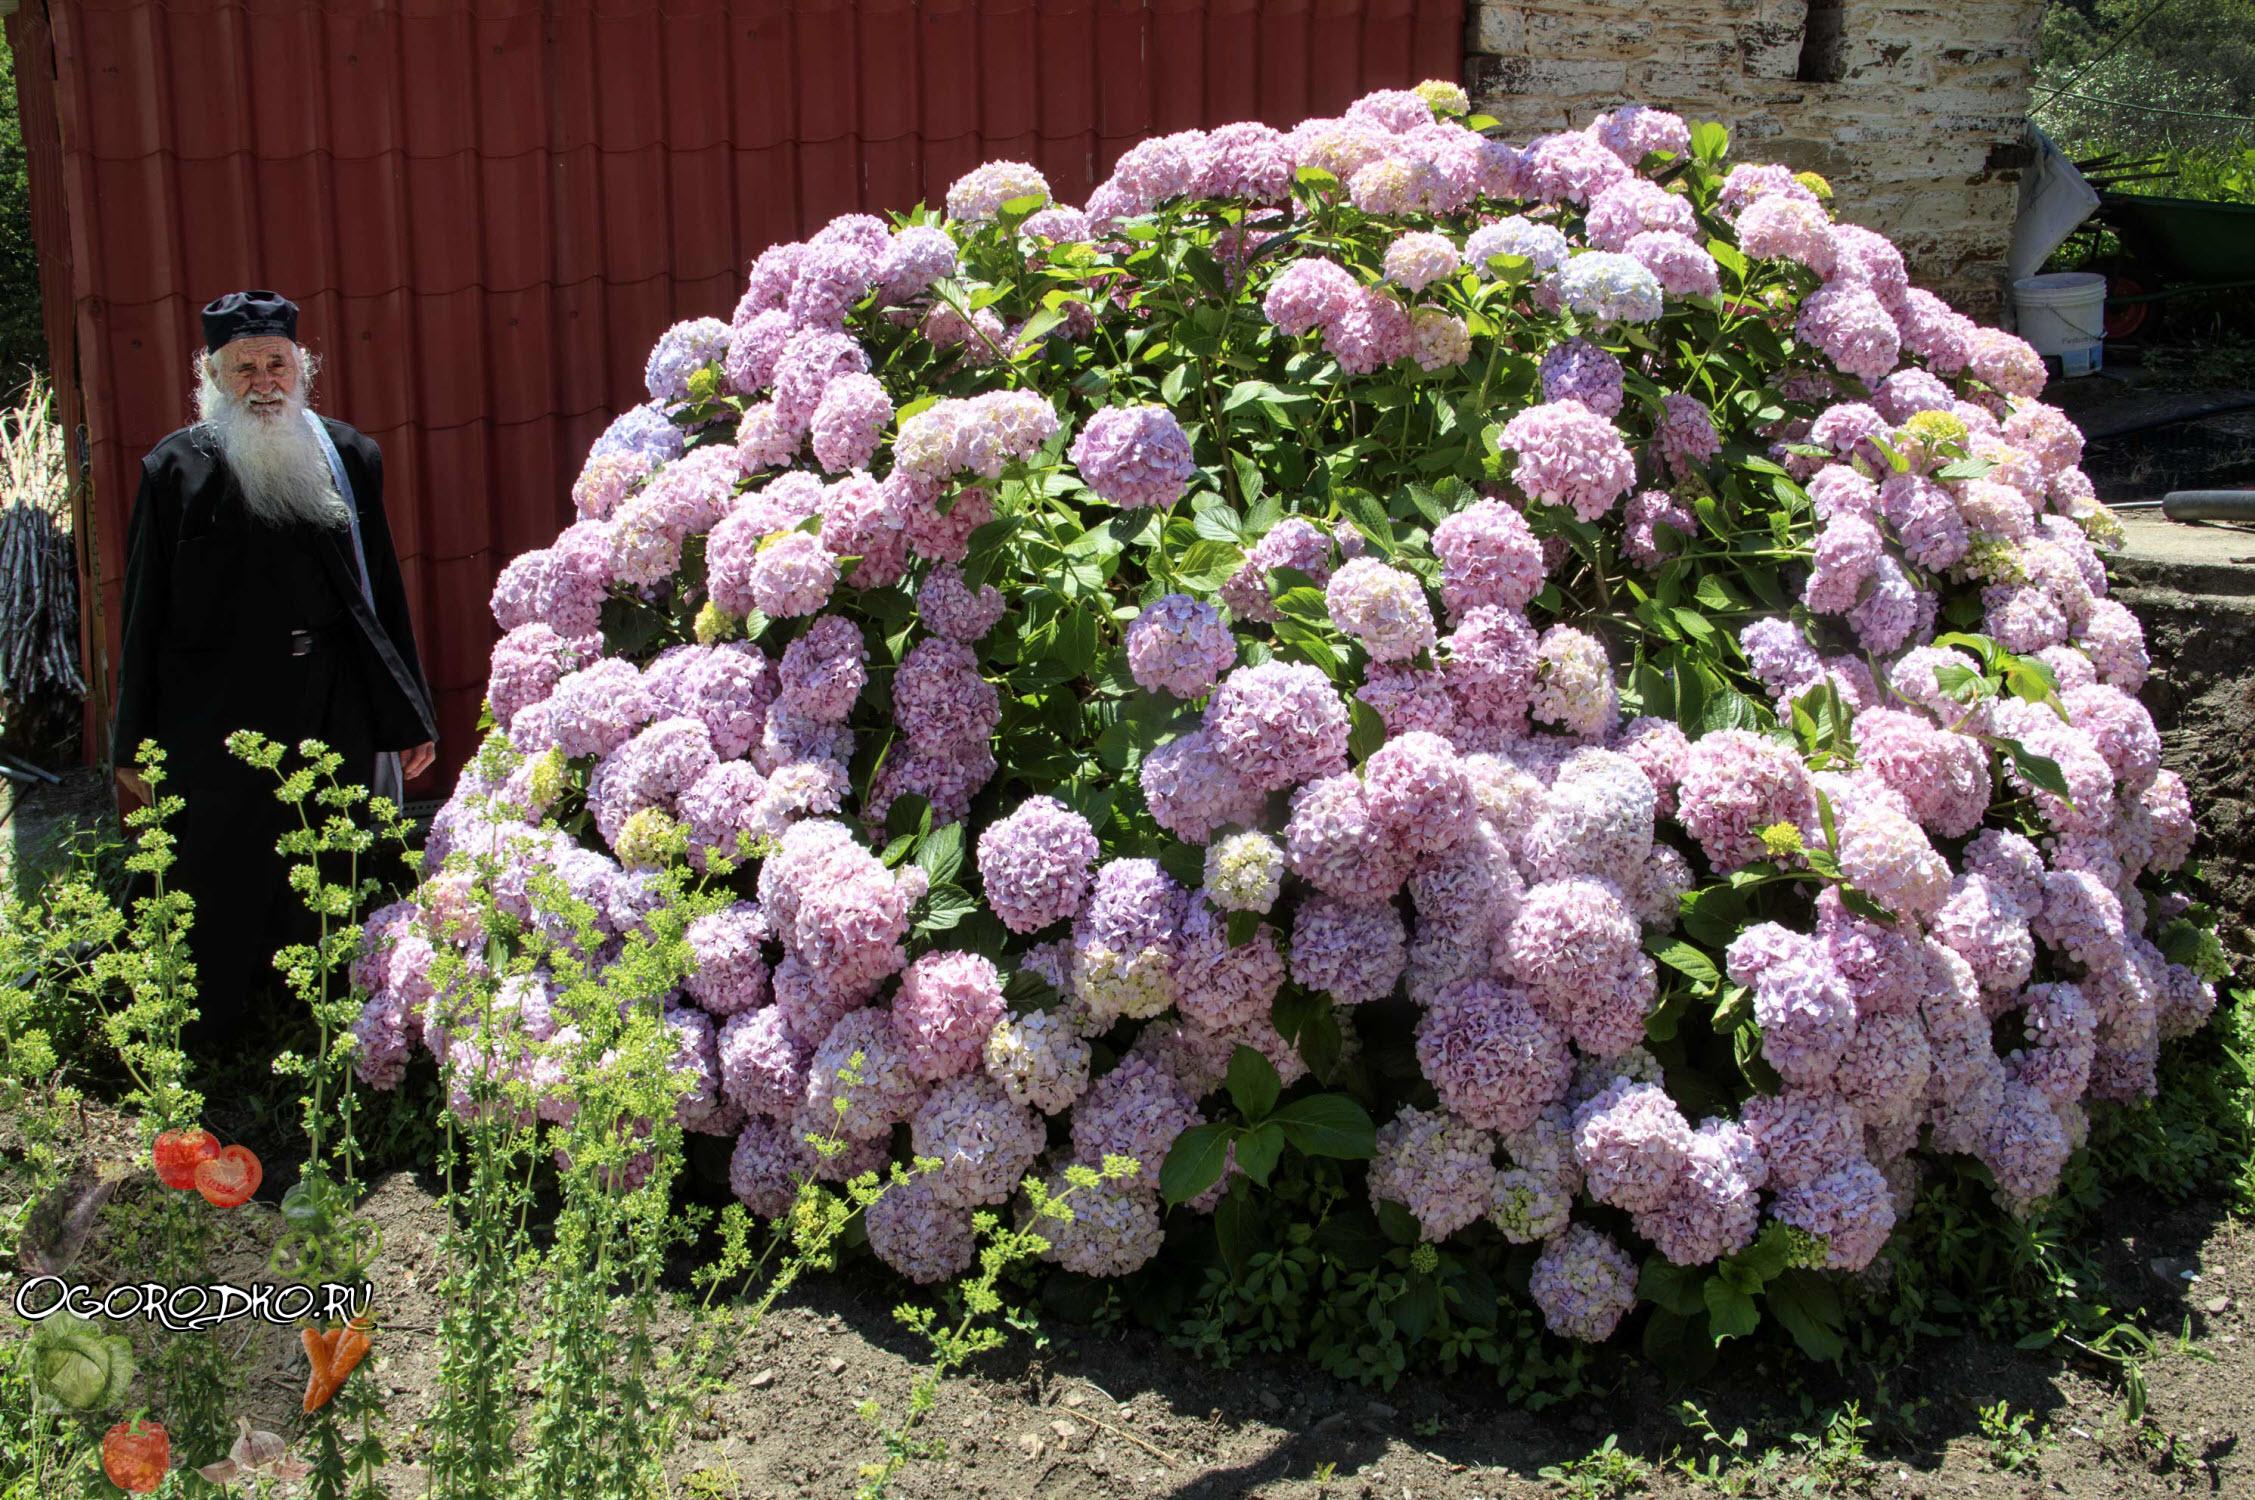 Гортензия на урале выращивание в домашних условиях 76